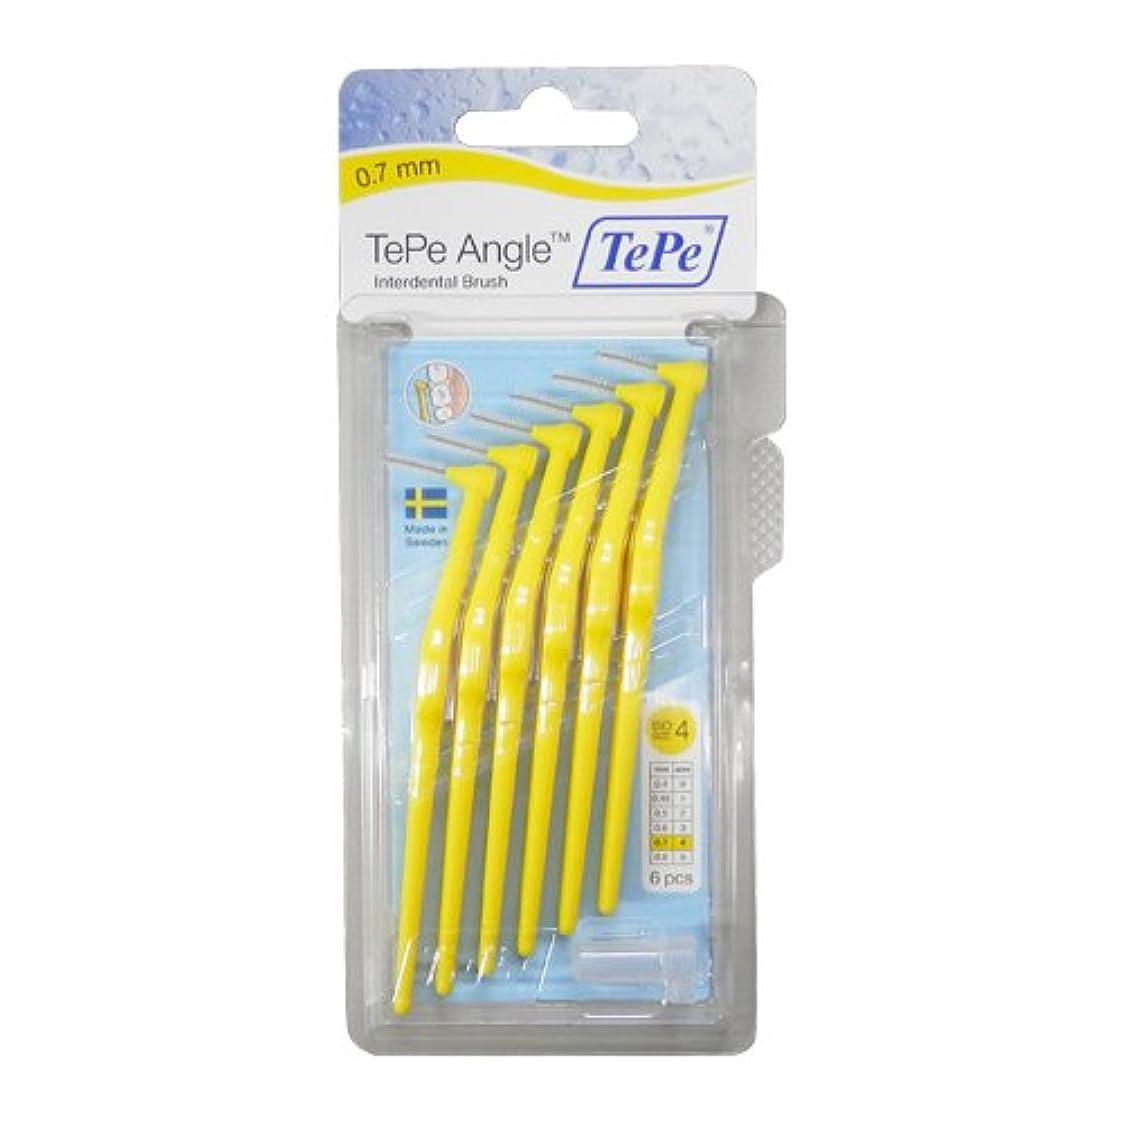 篭支出協力するテペ(TePe) アングル歯間ブラシ 6本入×2個セット イエロー (0.7mm)